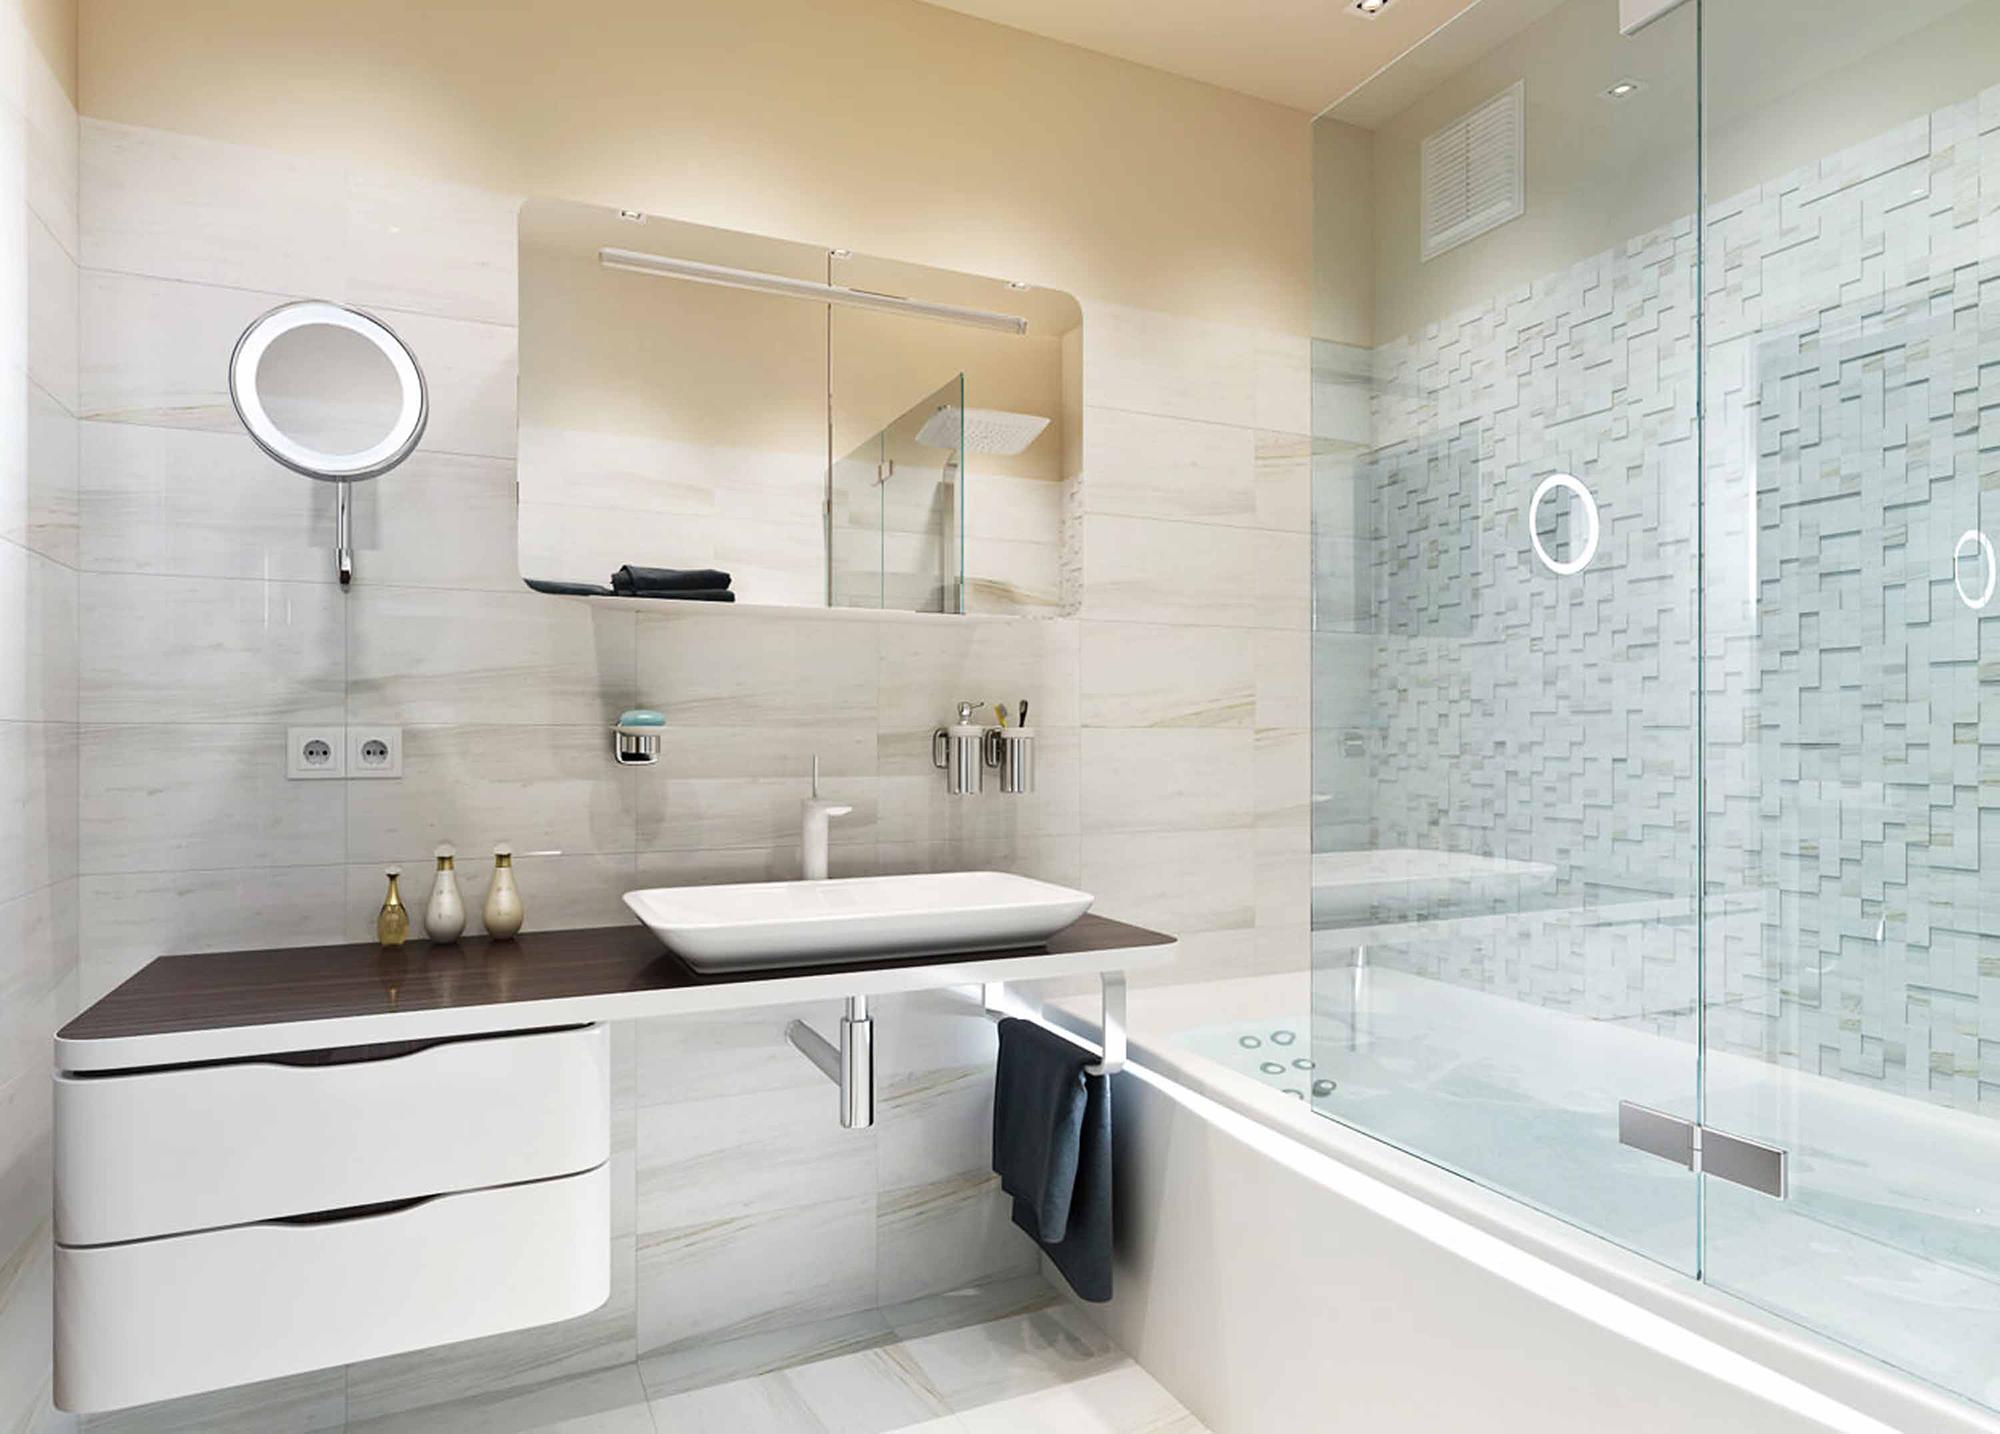 Плитка под камень в интерьере ванной комнаты